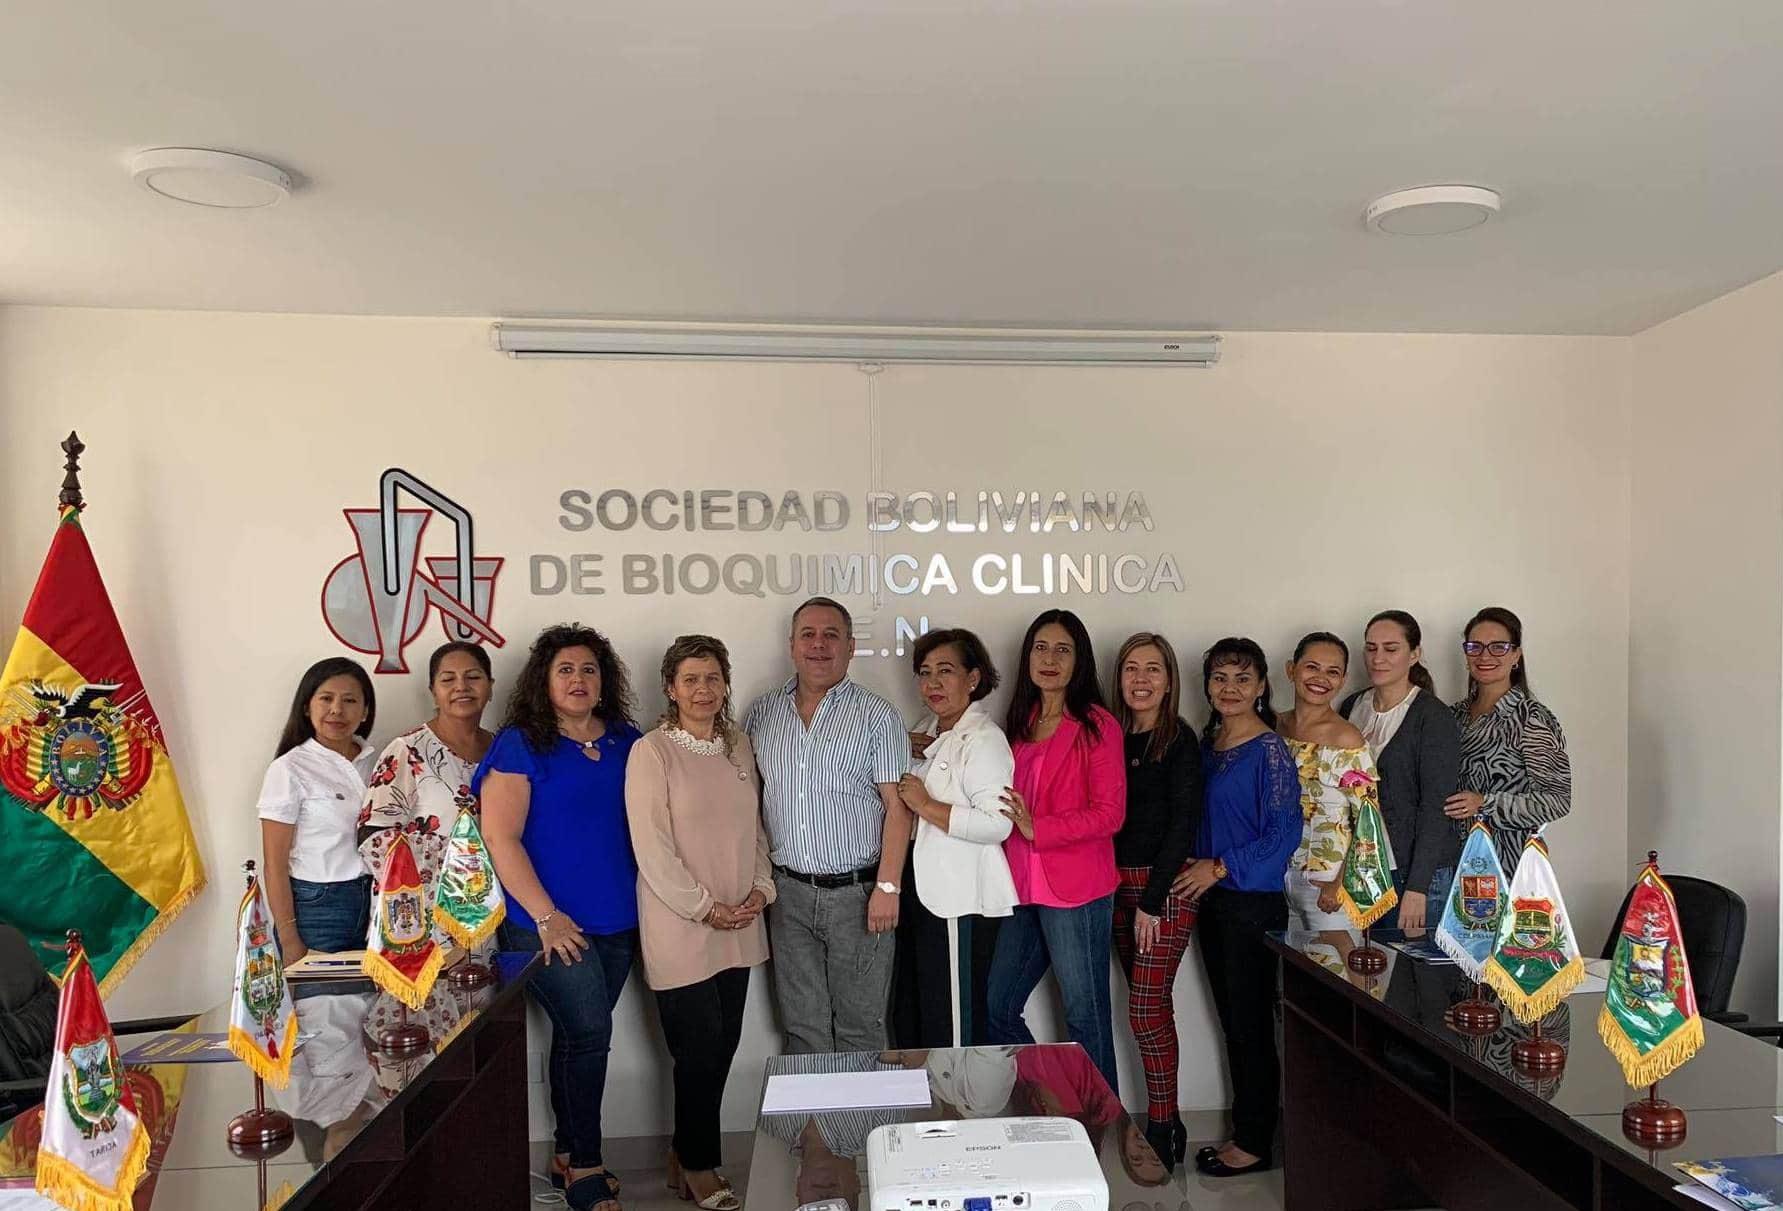 Reunión Sociedad Boliviana de Bioquímica Clínica